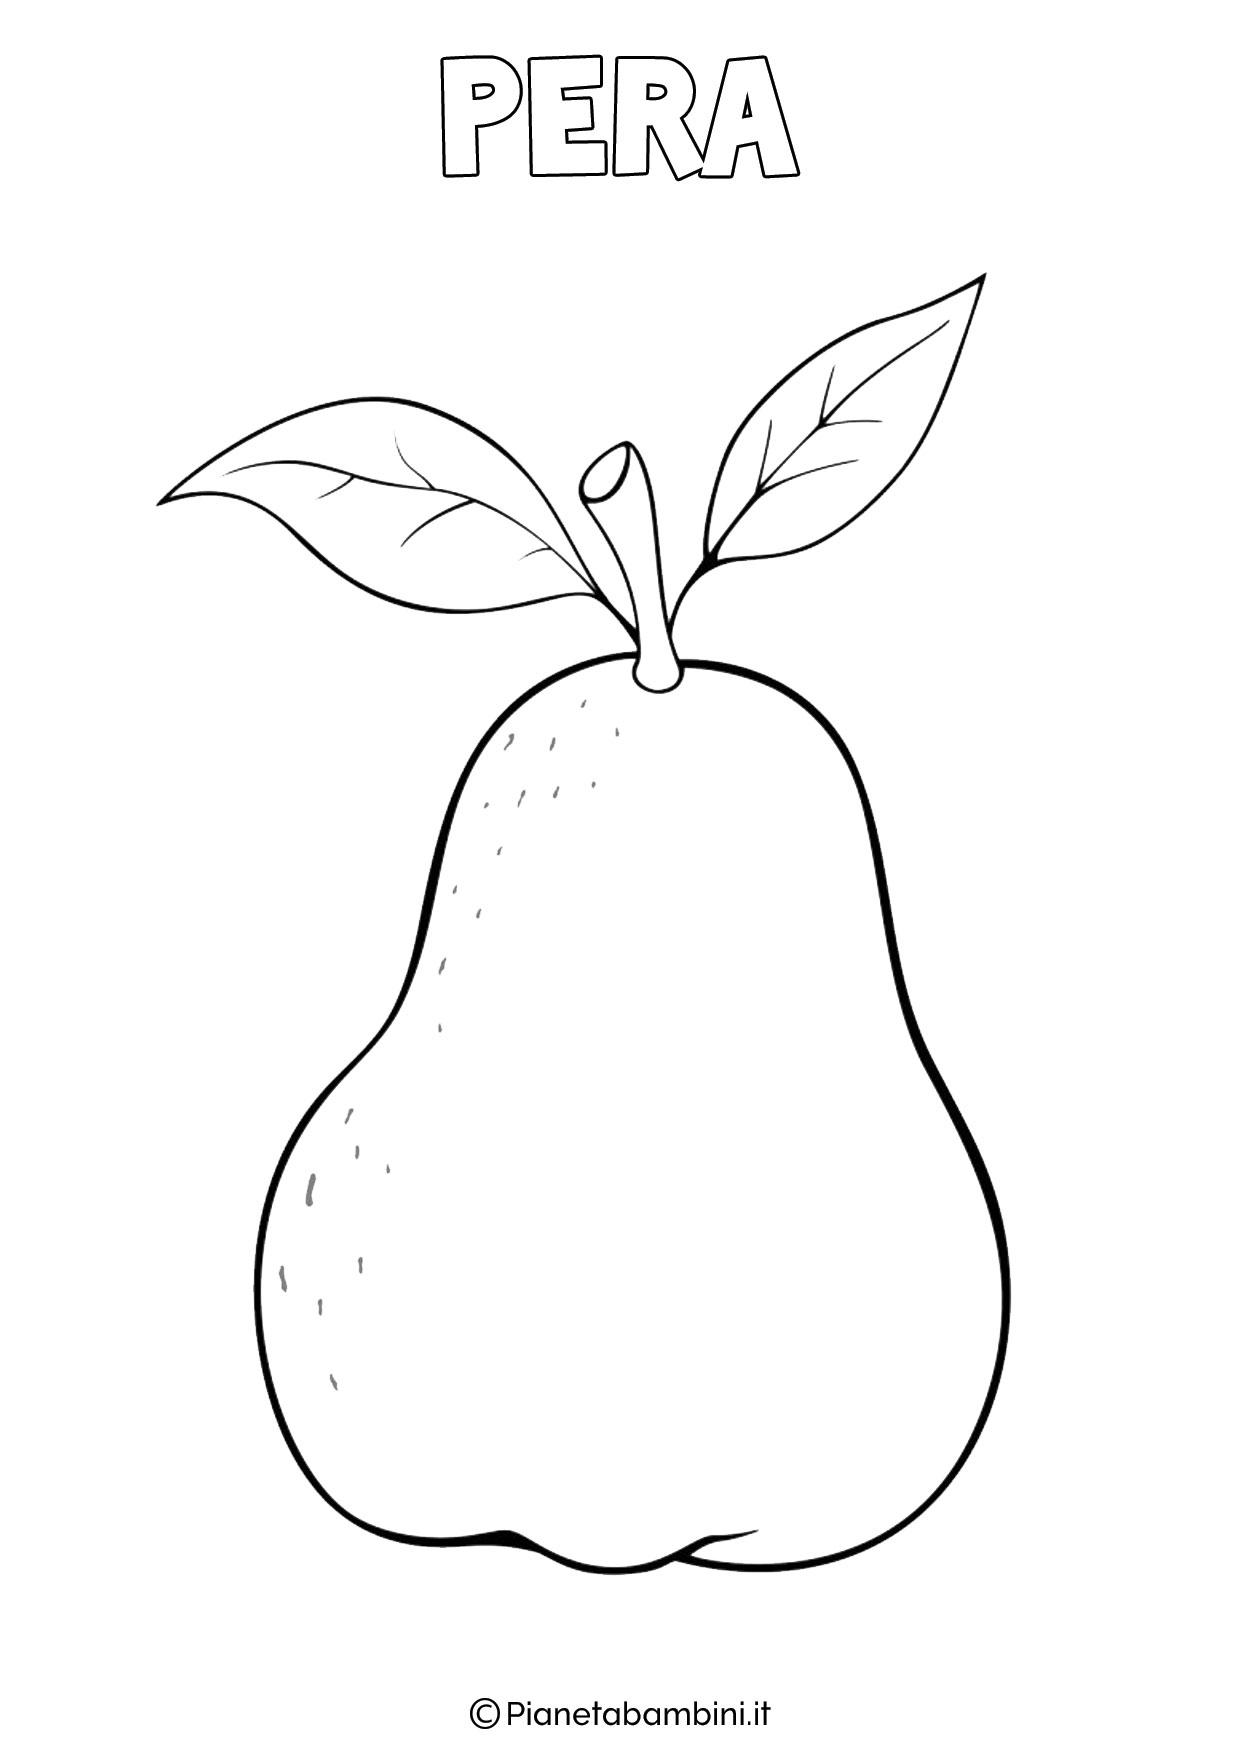 Disegno di pera da colorare